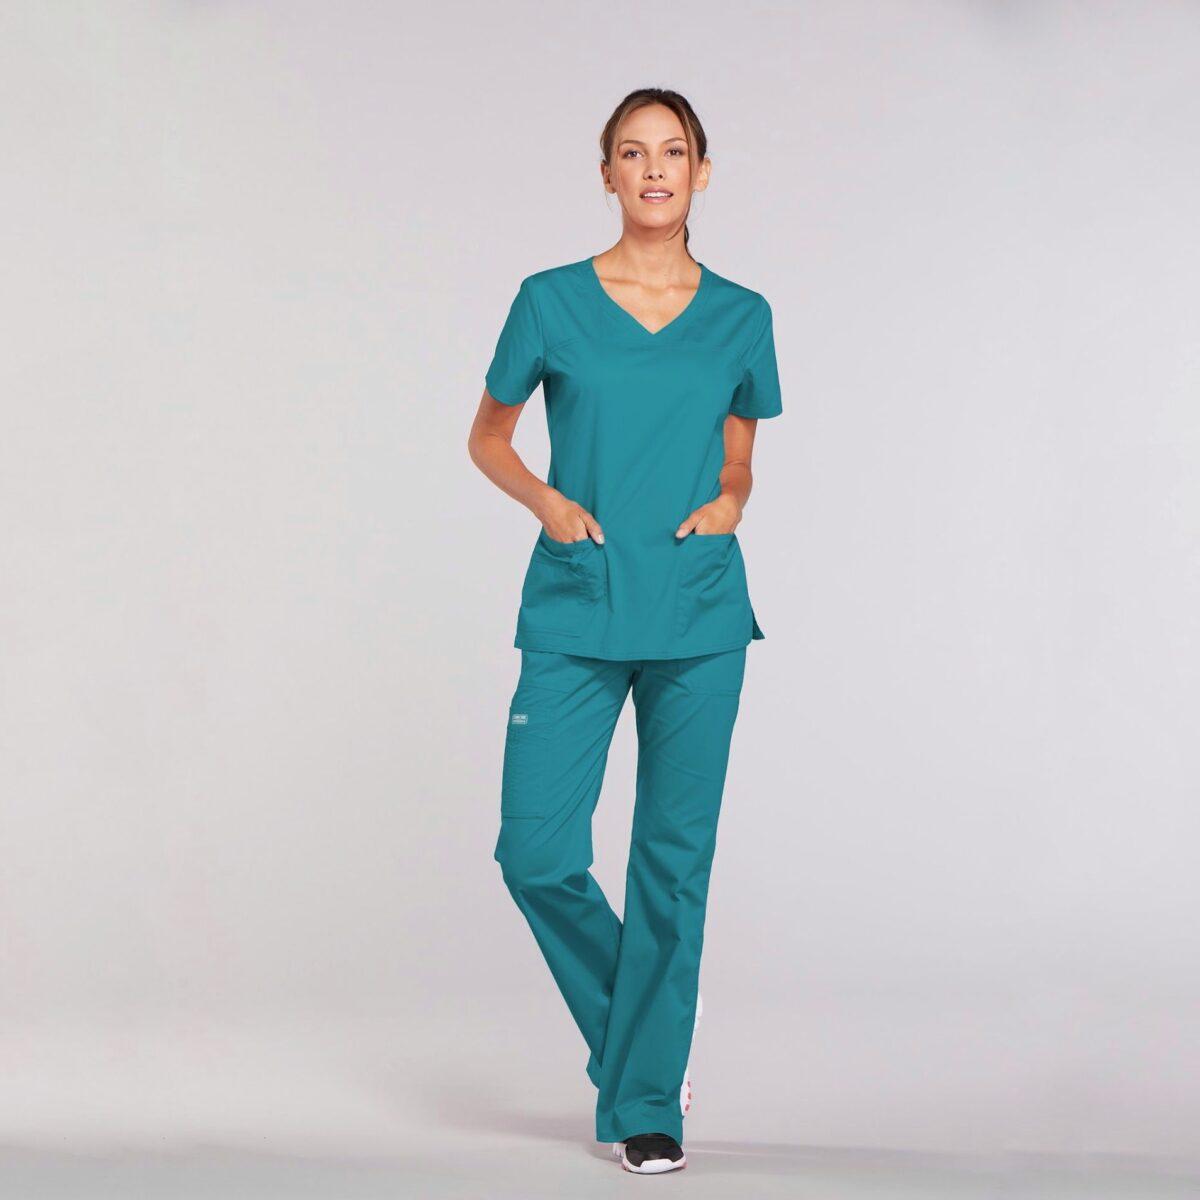 Приталенный женский медицинский костюм Core Stretch из твила цвет - бирюза